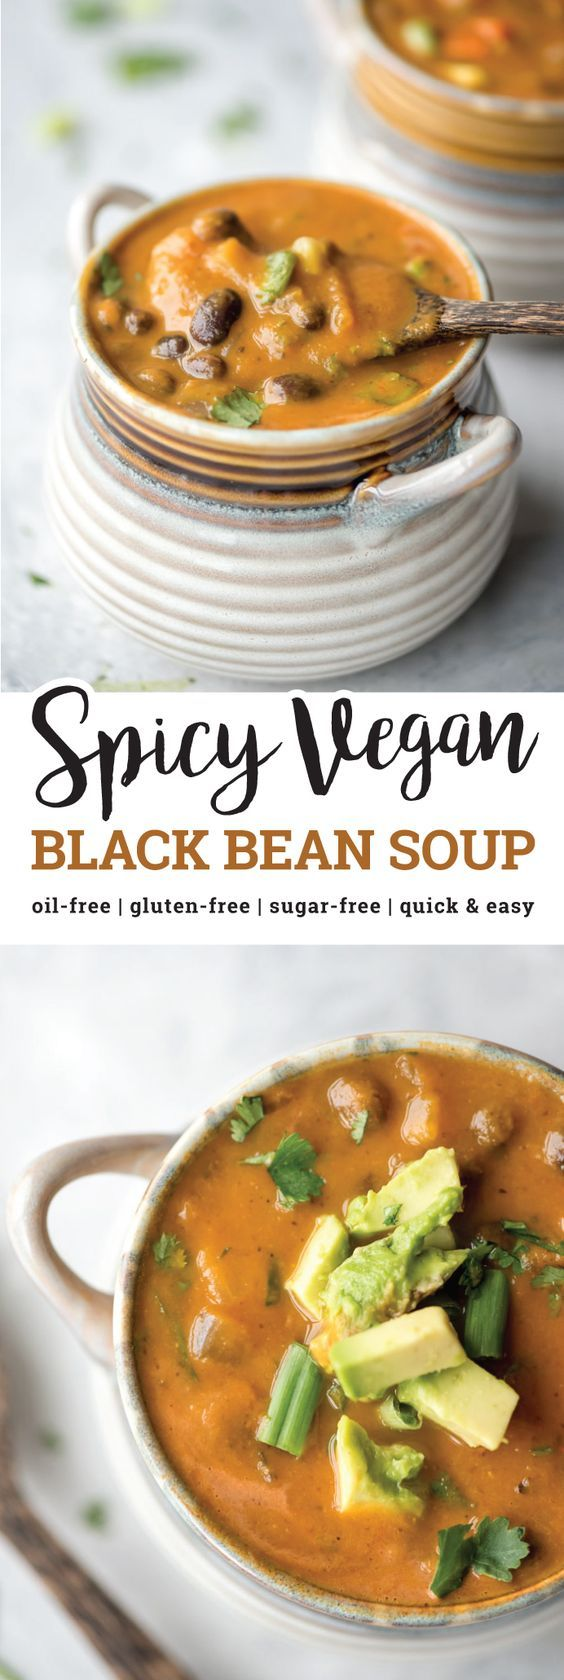 Más de 25 ideas increíbles sobre Bean soup en Pinterest ...